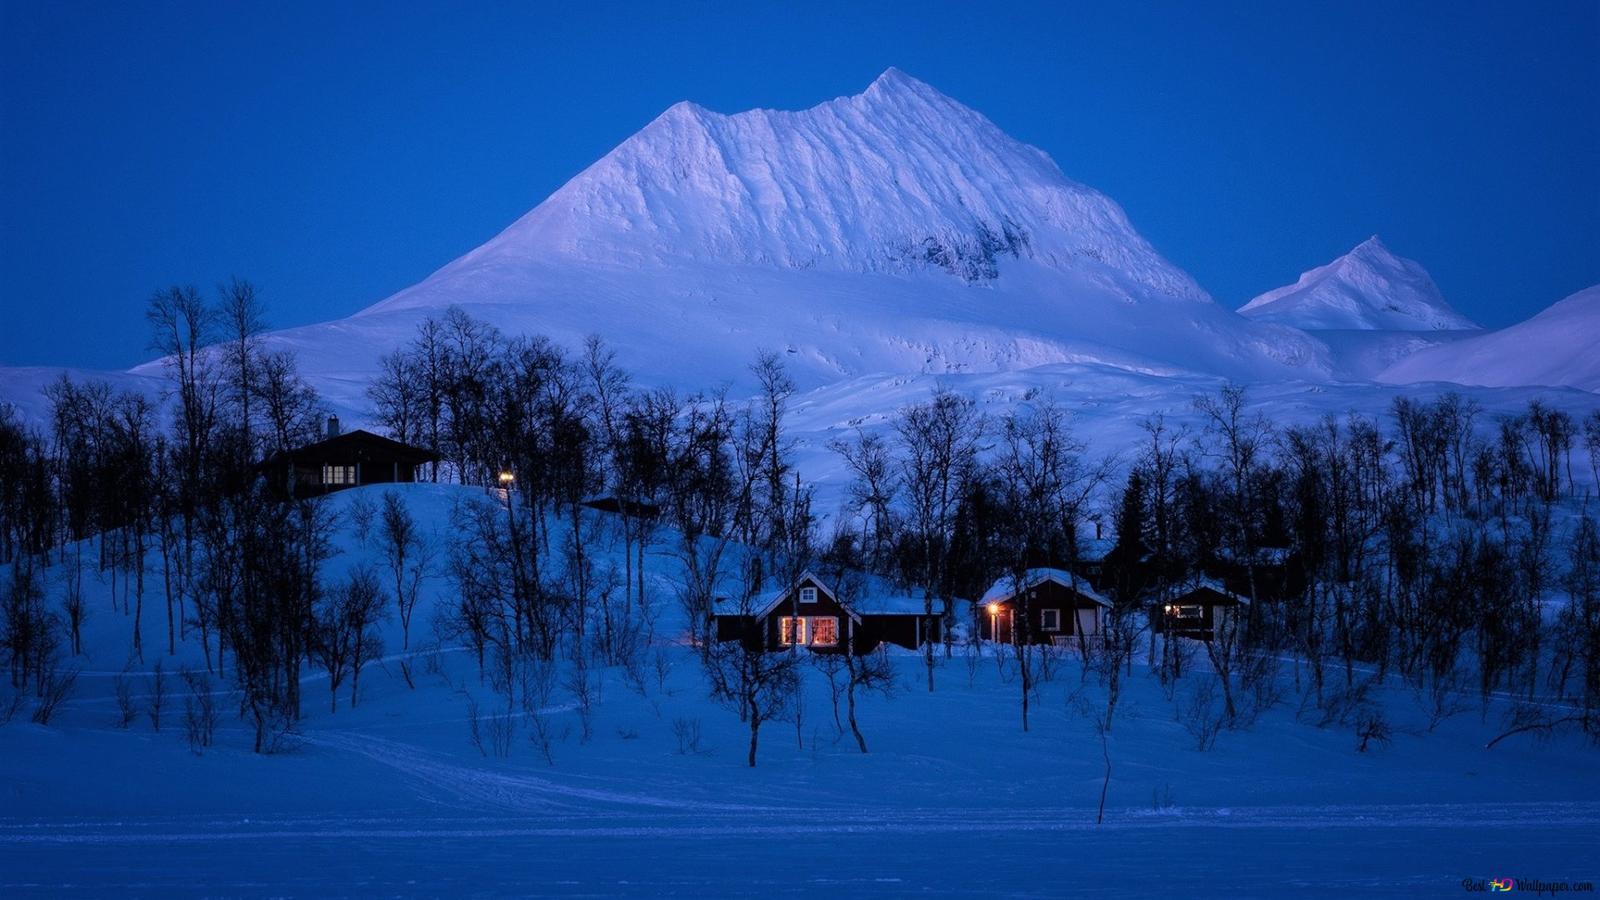 Villaggio Di Inverno In Montagna Download Di Sfondi Hd